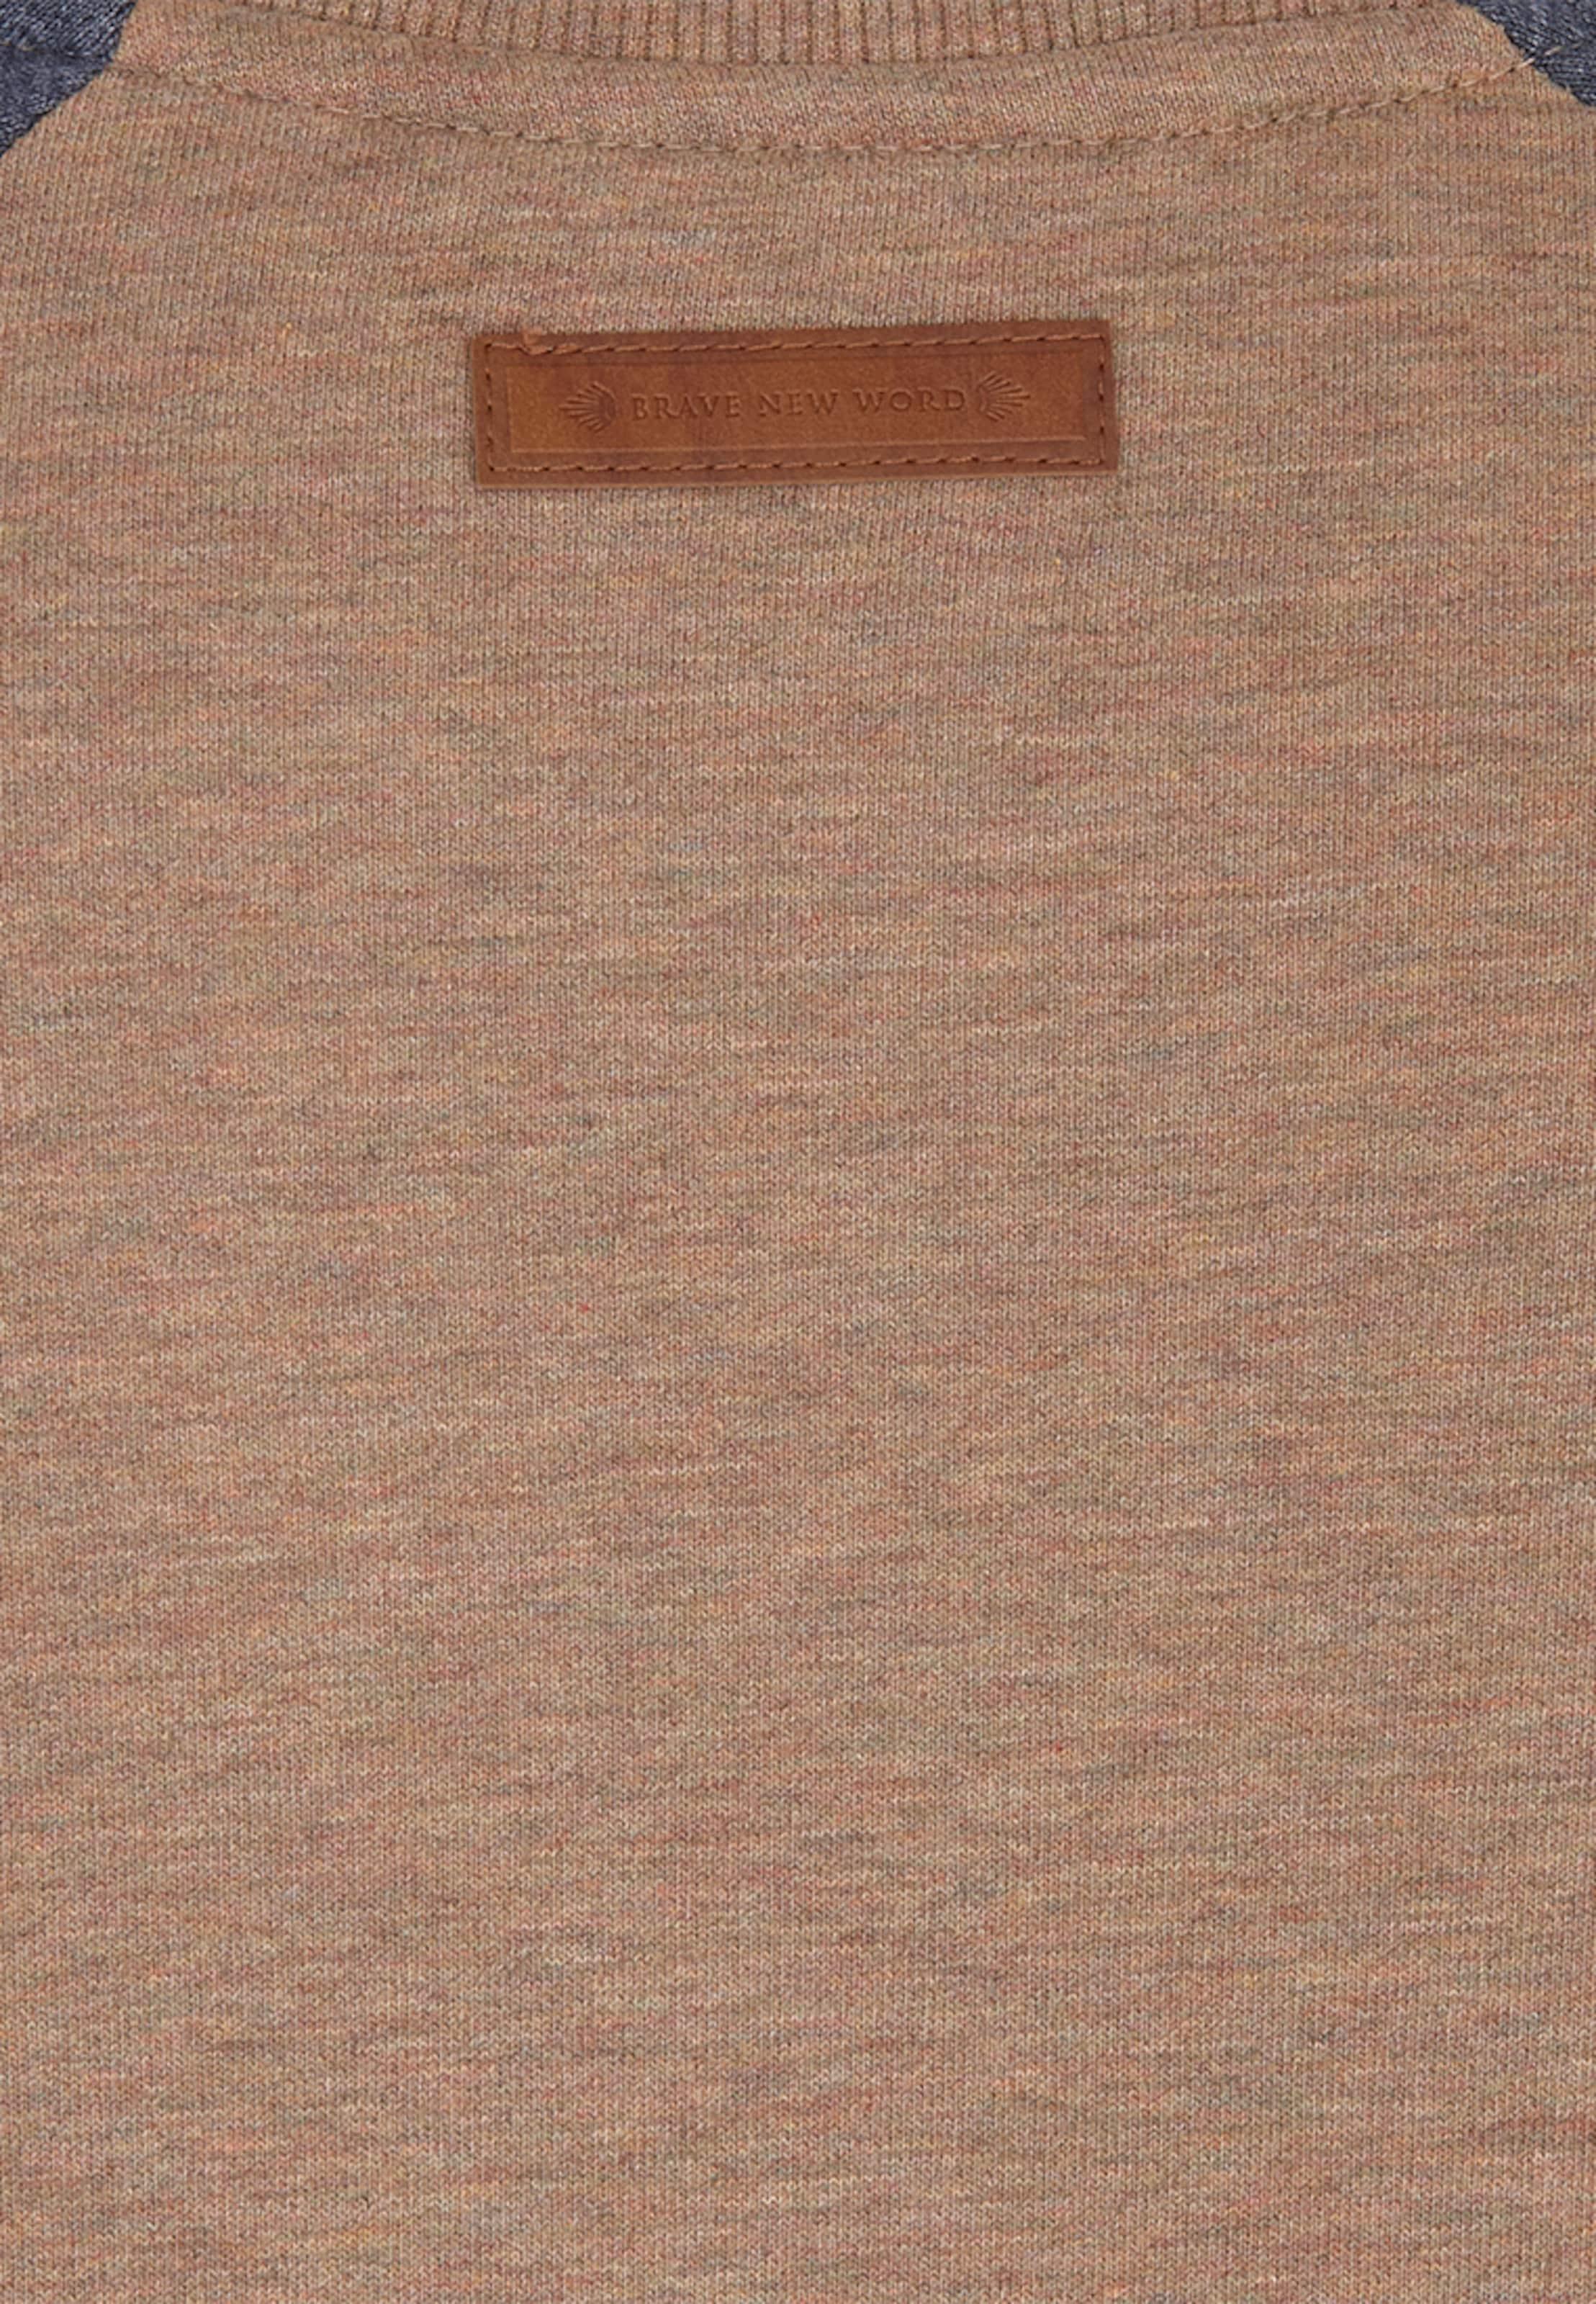 Neue Stile Zu Verkaufen Rabatte Für Verkauf naketano Male Sweatshirt 'The Jordan Rules II' Qualität Freies Verschiffen Auf Heißen Verkauf Outlet Rabatte cOfTkW